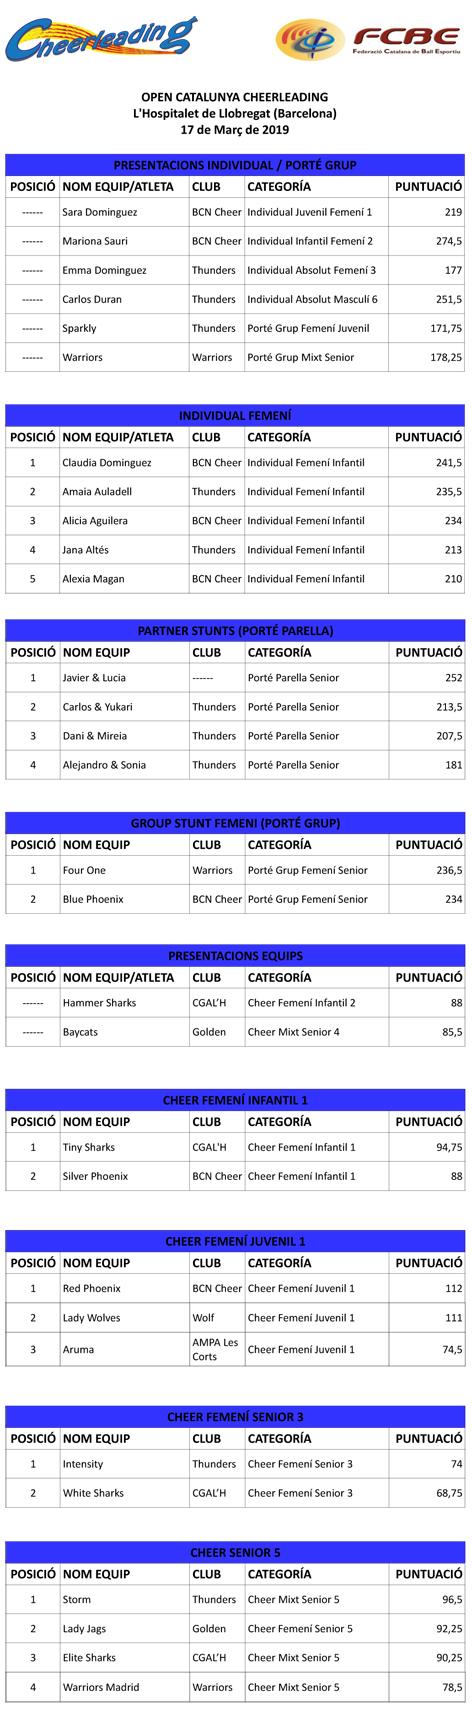 V Open Catalunya Cheerleading. Resultats  (Versió 2)  | Federació Catalana de Ball Esportiu